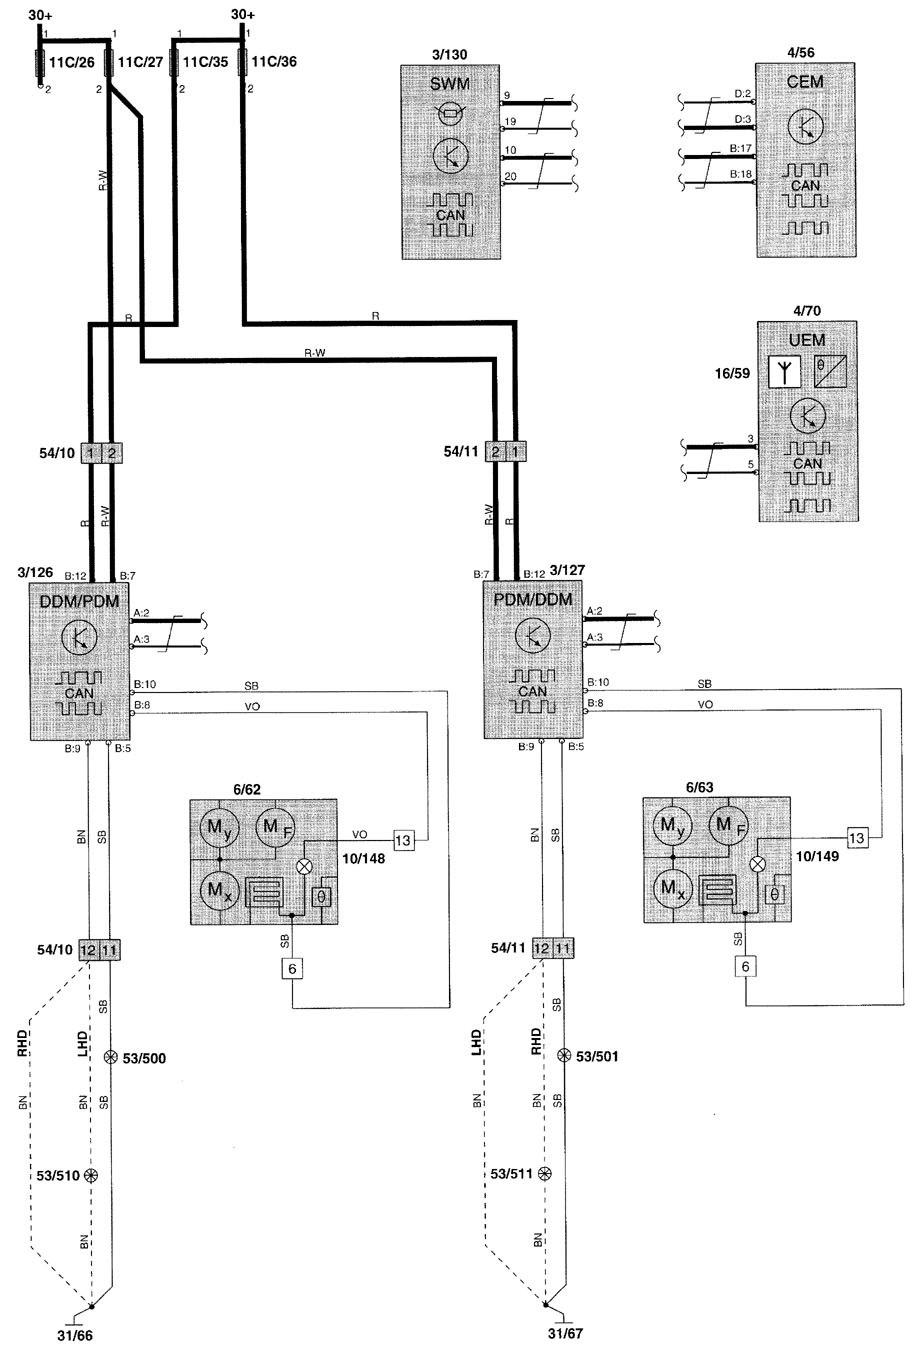 Volvo V70 (2001) - wiring diagrams - keyless entry - Carknowledge.info | Volvo V70 Wiring Diagram 2001 |  | Carknowledge.info